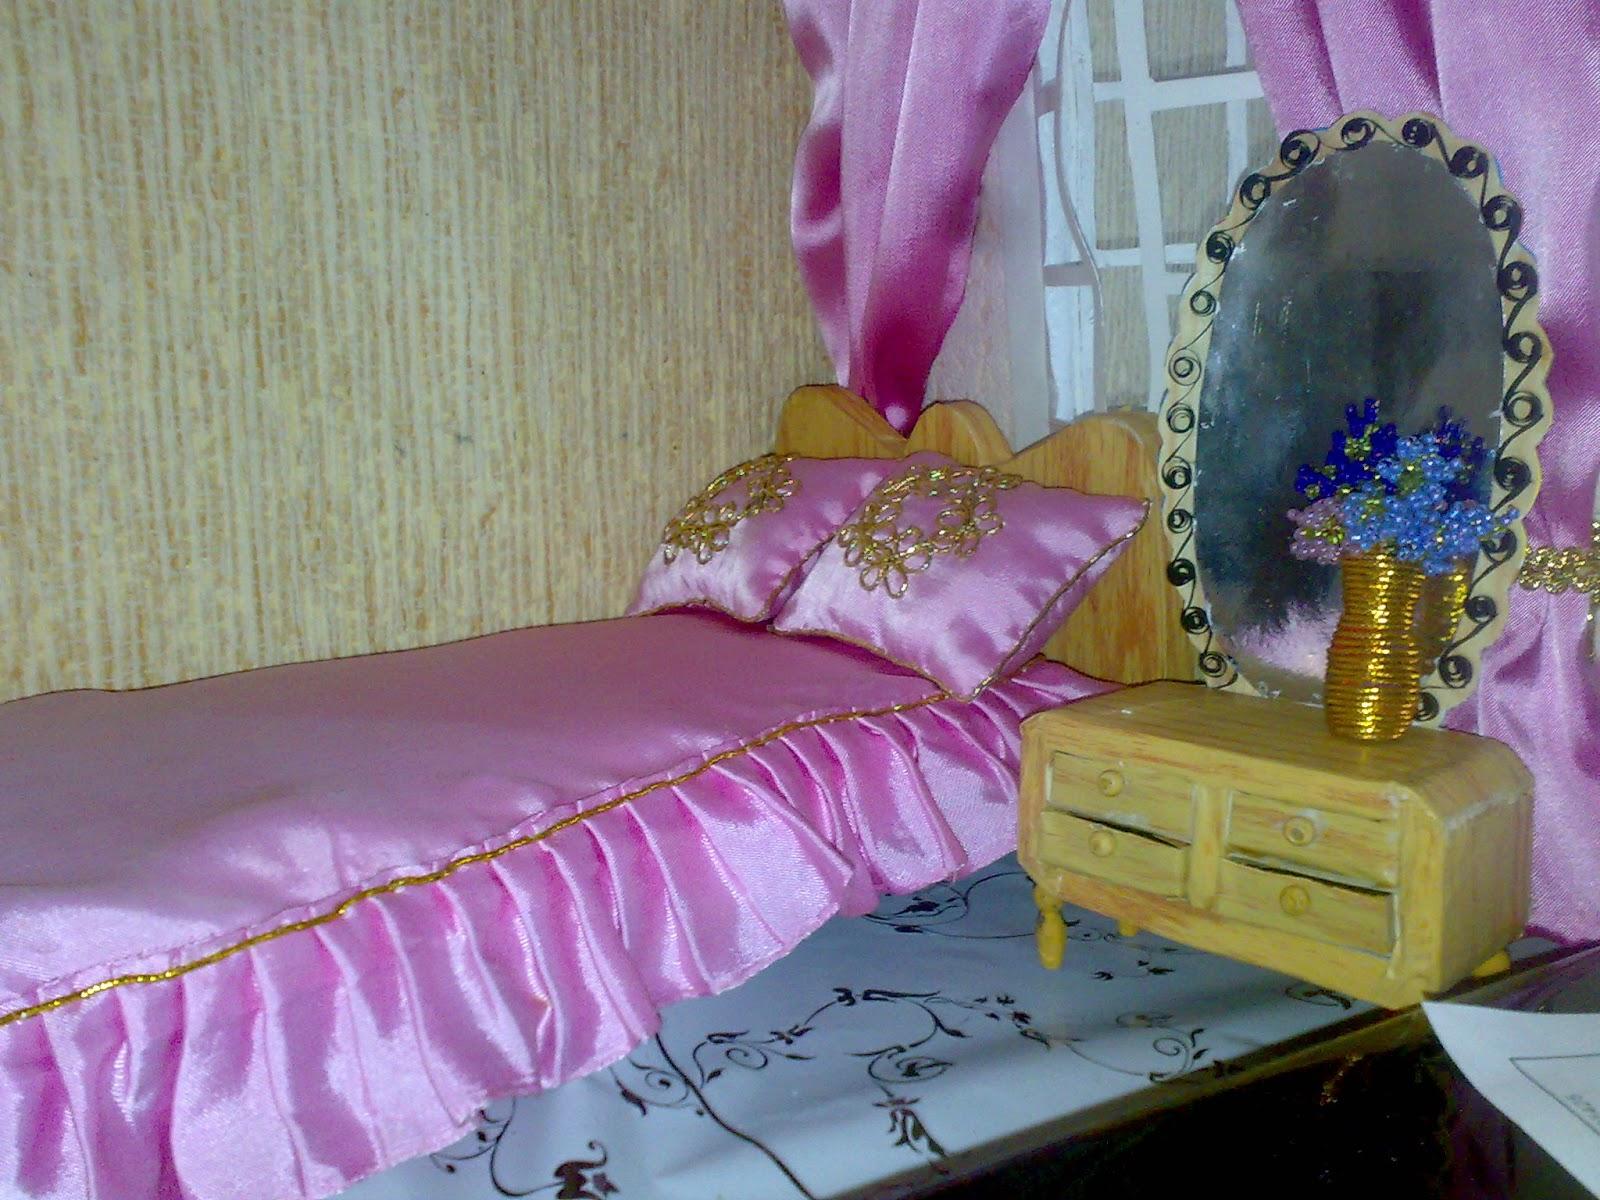 кукольный дом, кровать, тумбочка, зеркало, окно